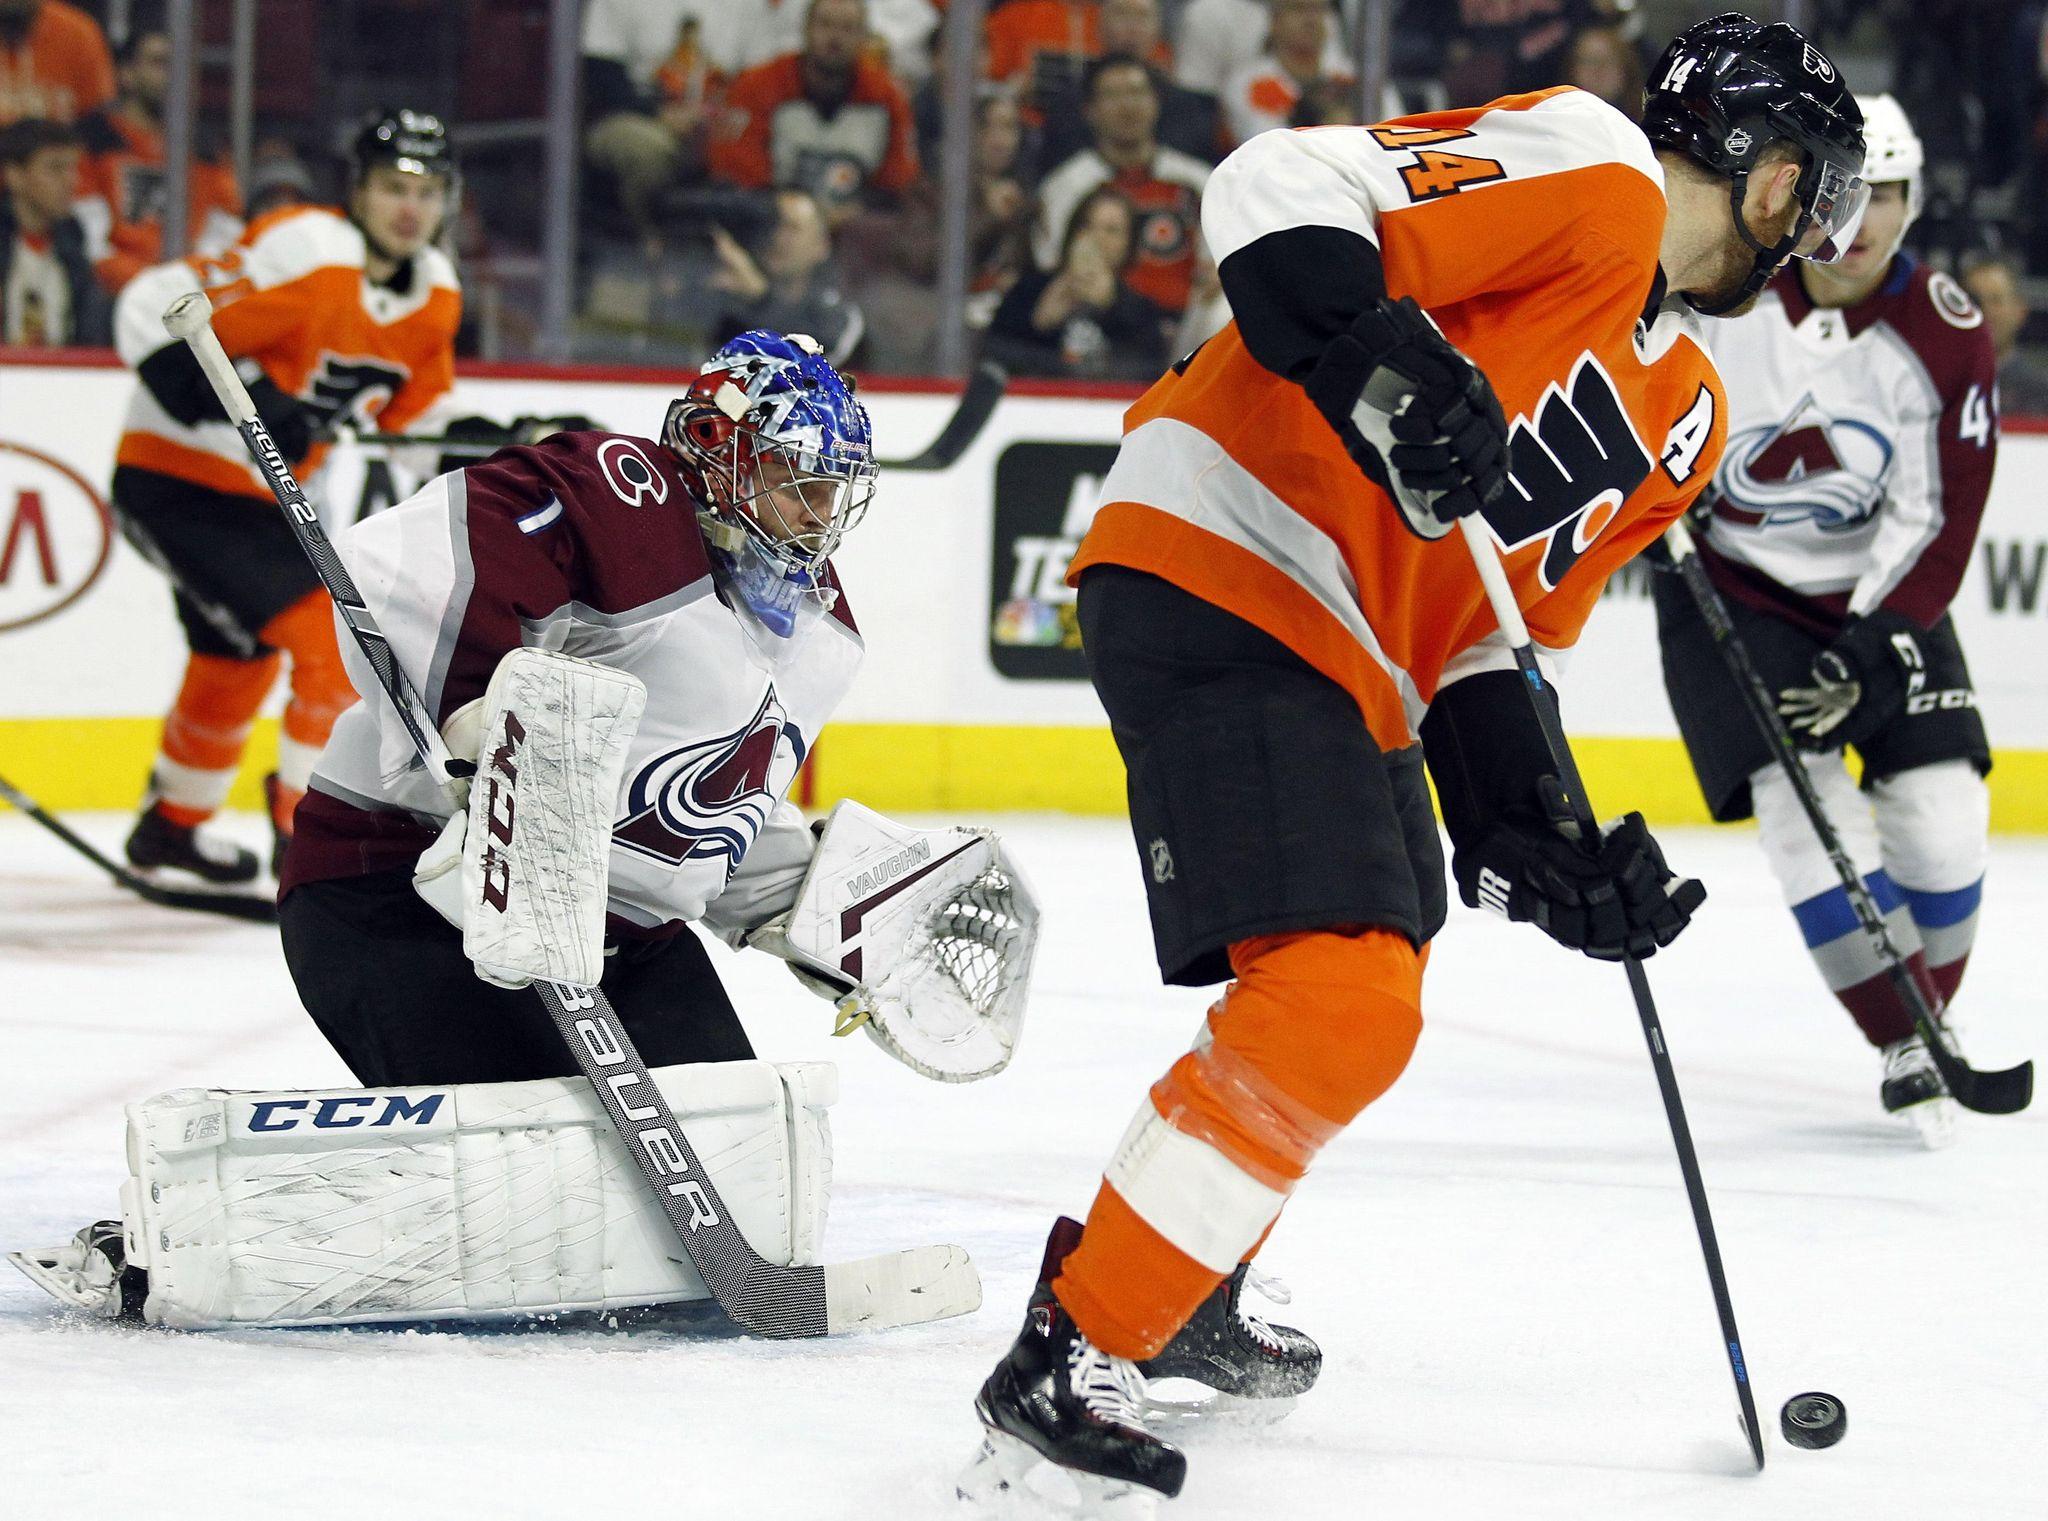 Avalanche_flyers_hockey_20725_s2048x1521